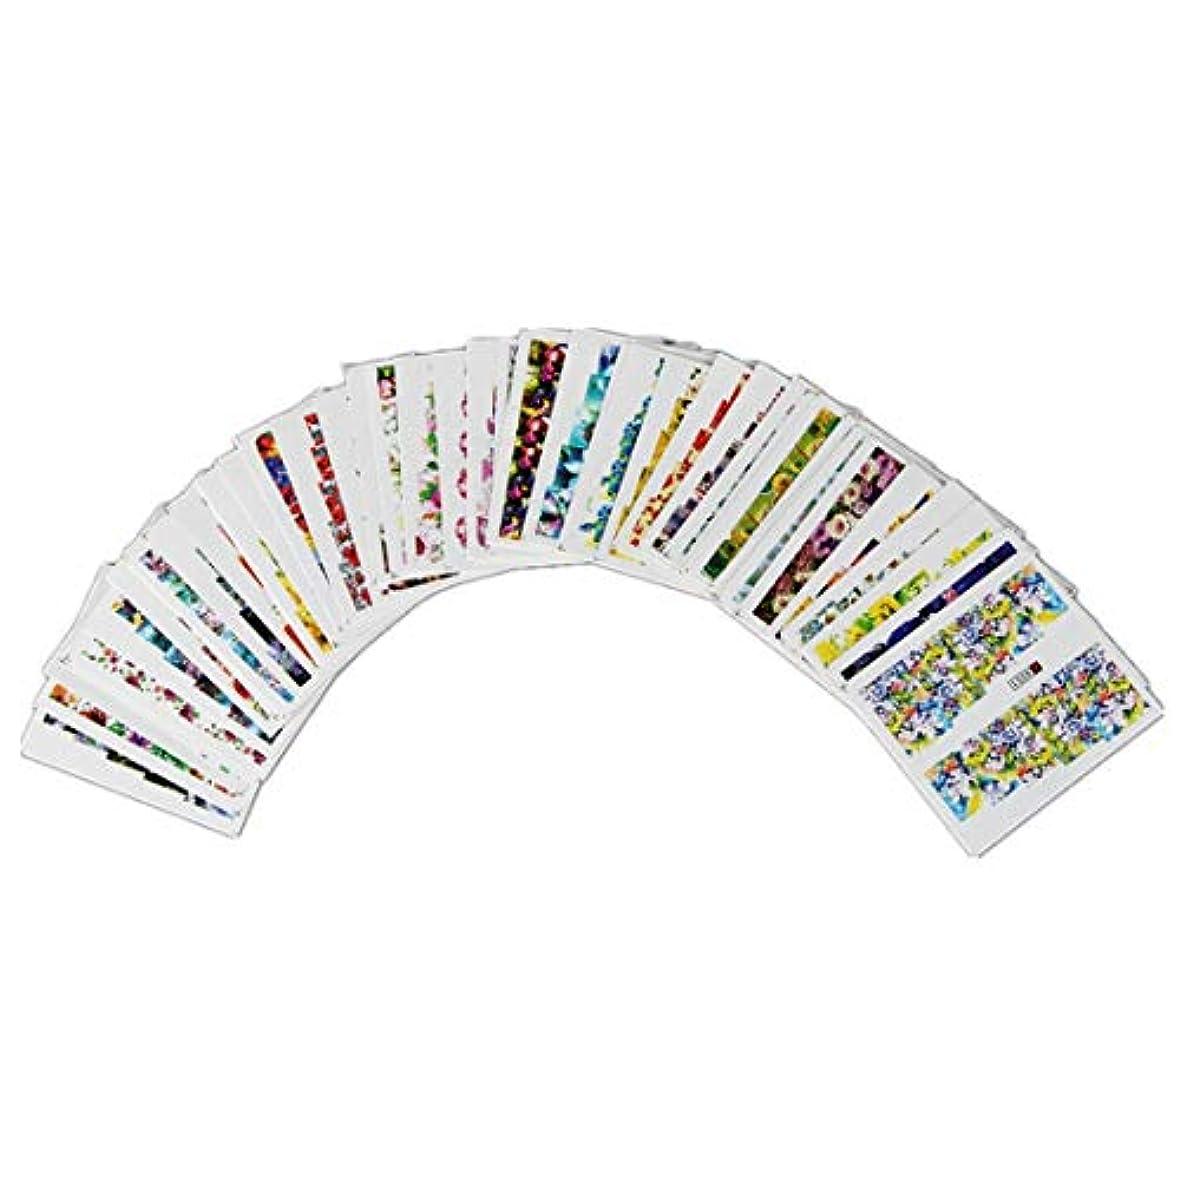 エンジンタンクスーツケースKerwinner 50枚ネイルステッカー盛り合わせパターン水転写花フラワーステッカーセット女性用爪の装飾ネイルデカールネイルアートアクセサリーマニキュアチャームヒント